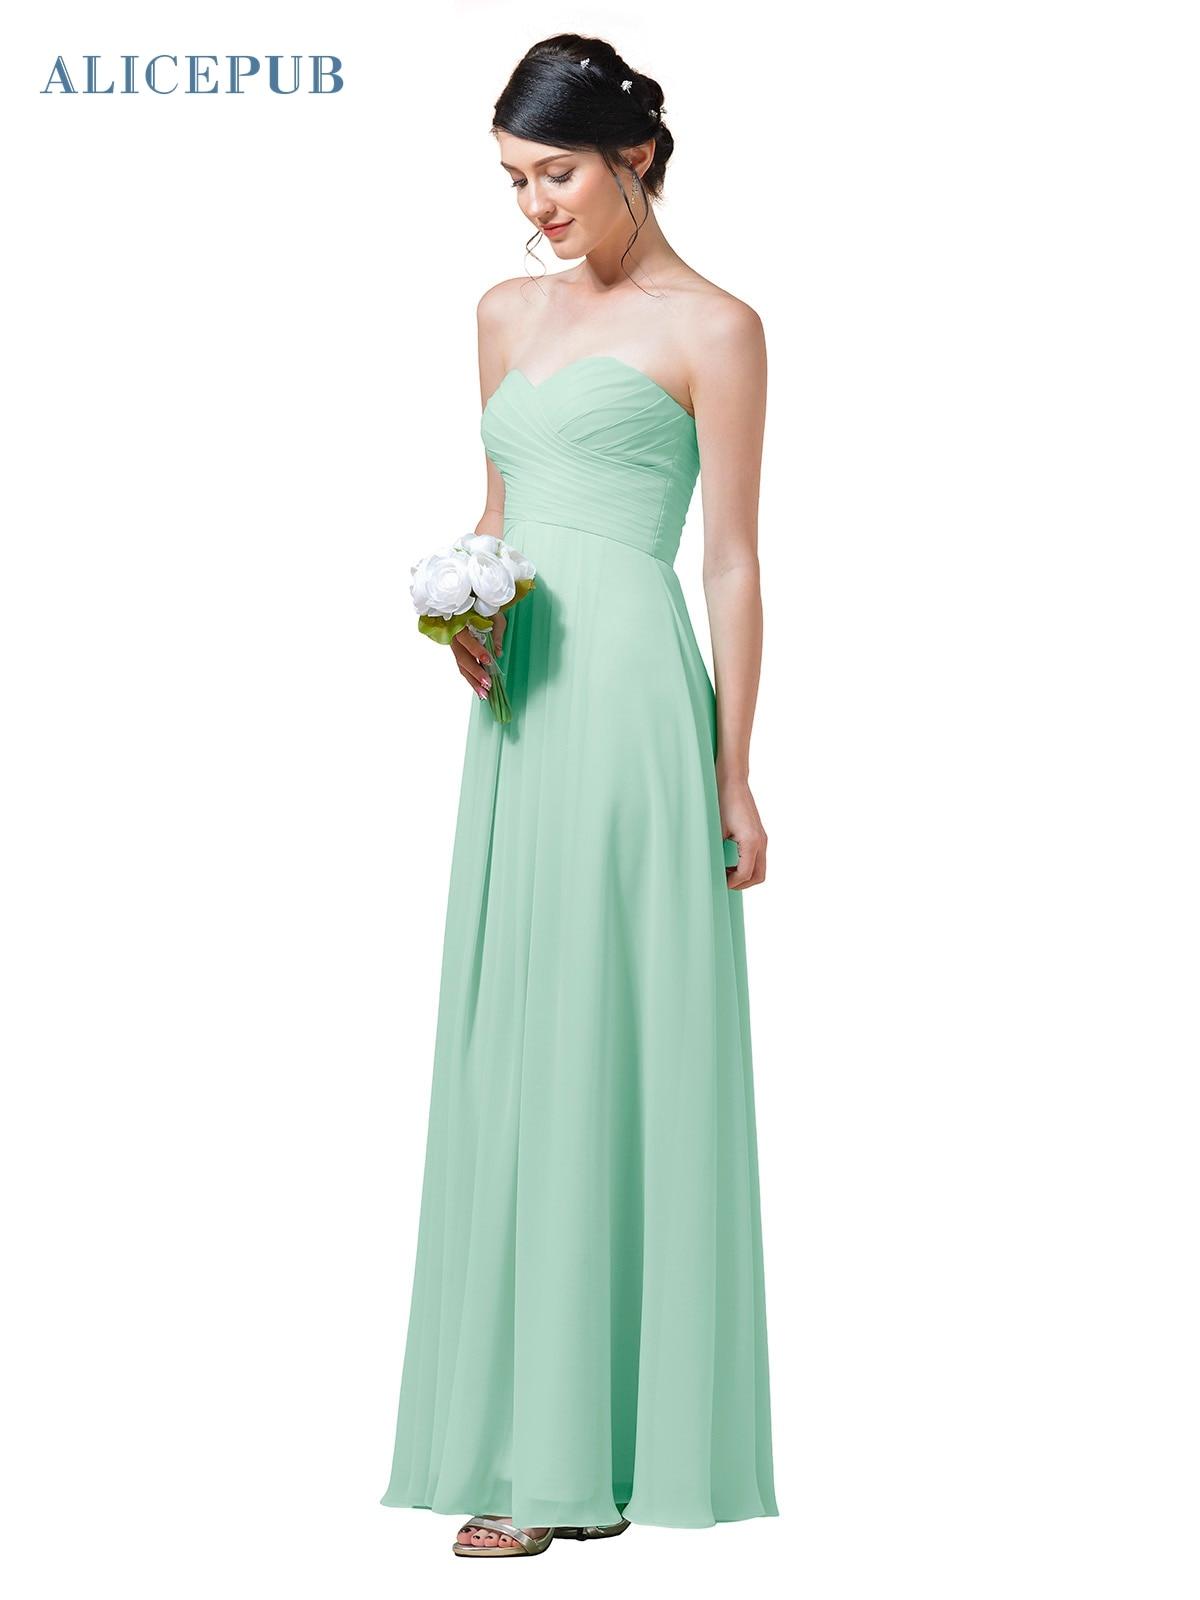 Ausgezeichnet Brautjungfer Kleid Farbe Ideen Fotos - Hochzeit Kleid ...